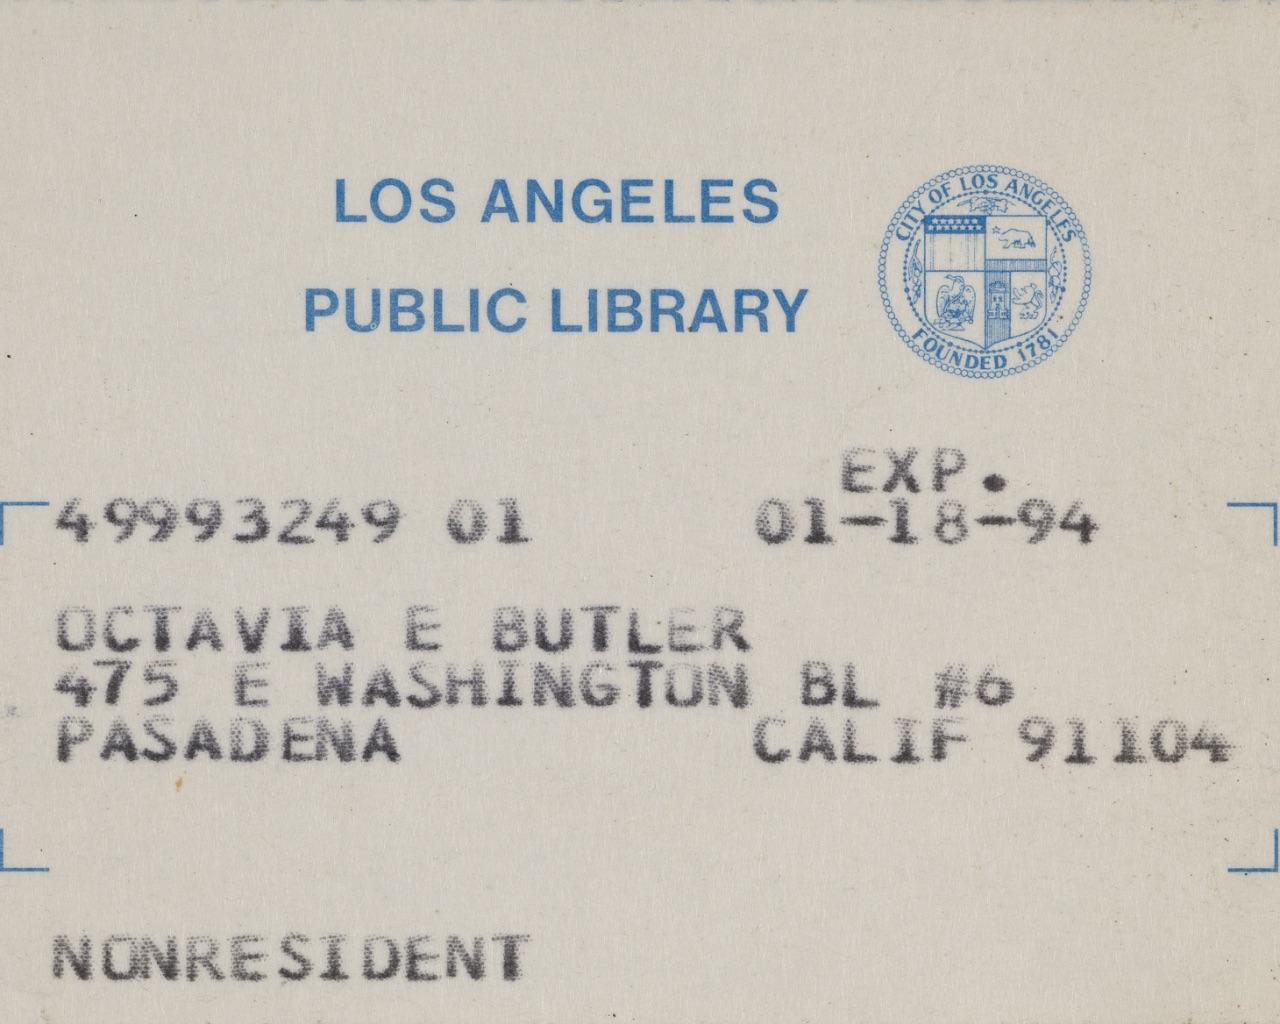 Octavia Butler's library card